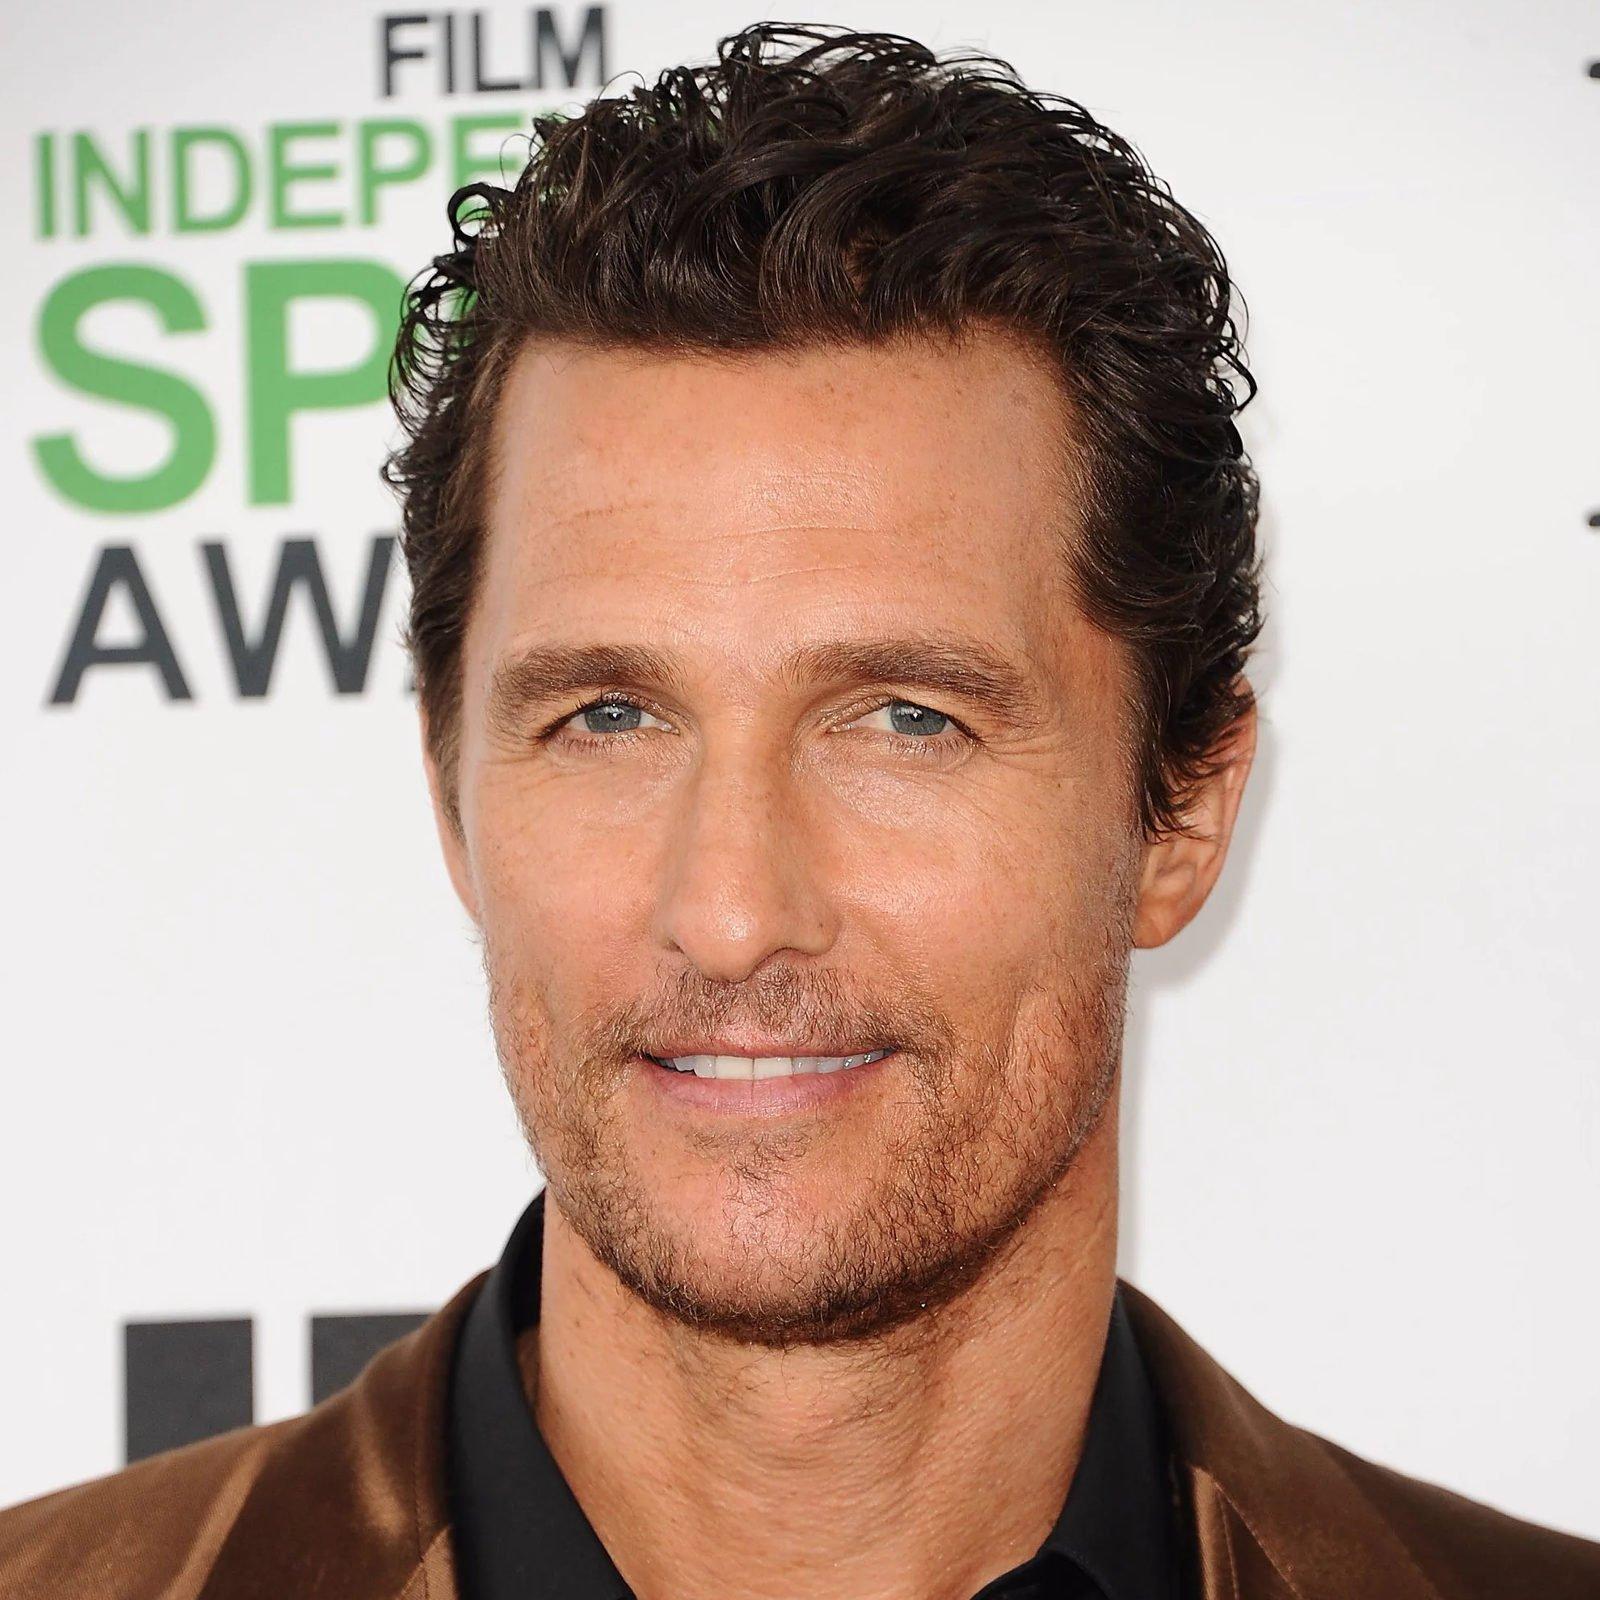 Actores Estadounidenses Hablando Español 11 estrellas de hollywood que saben hablar español - ecartelera